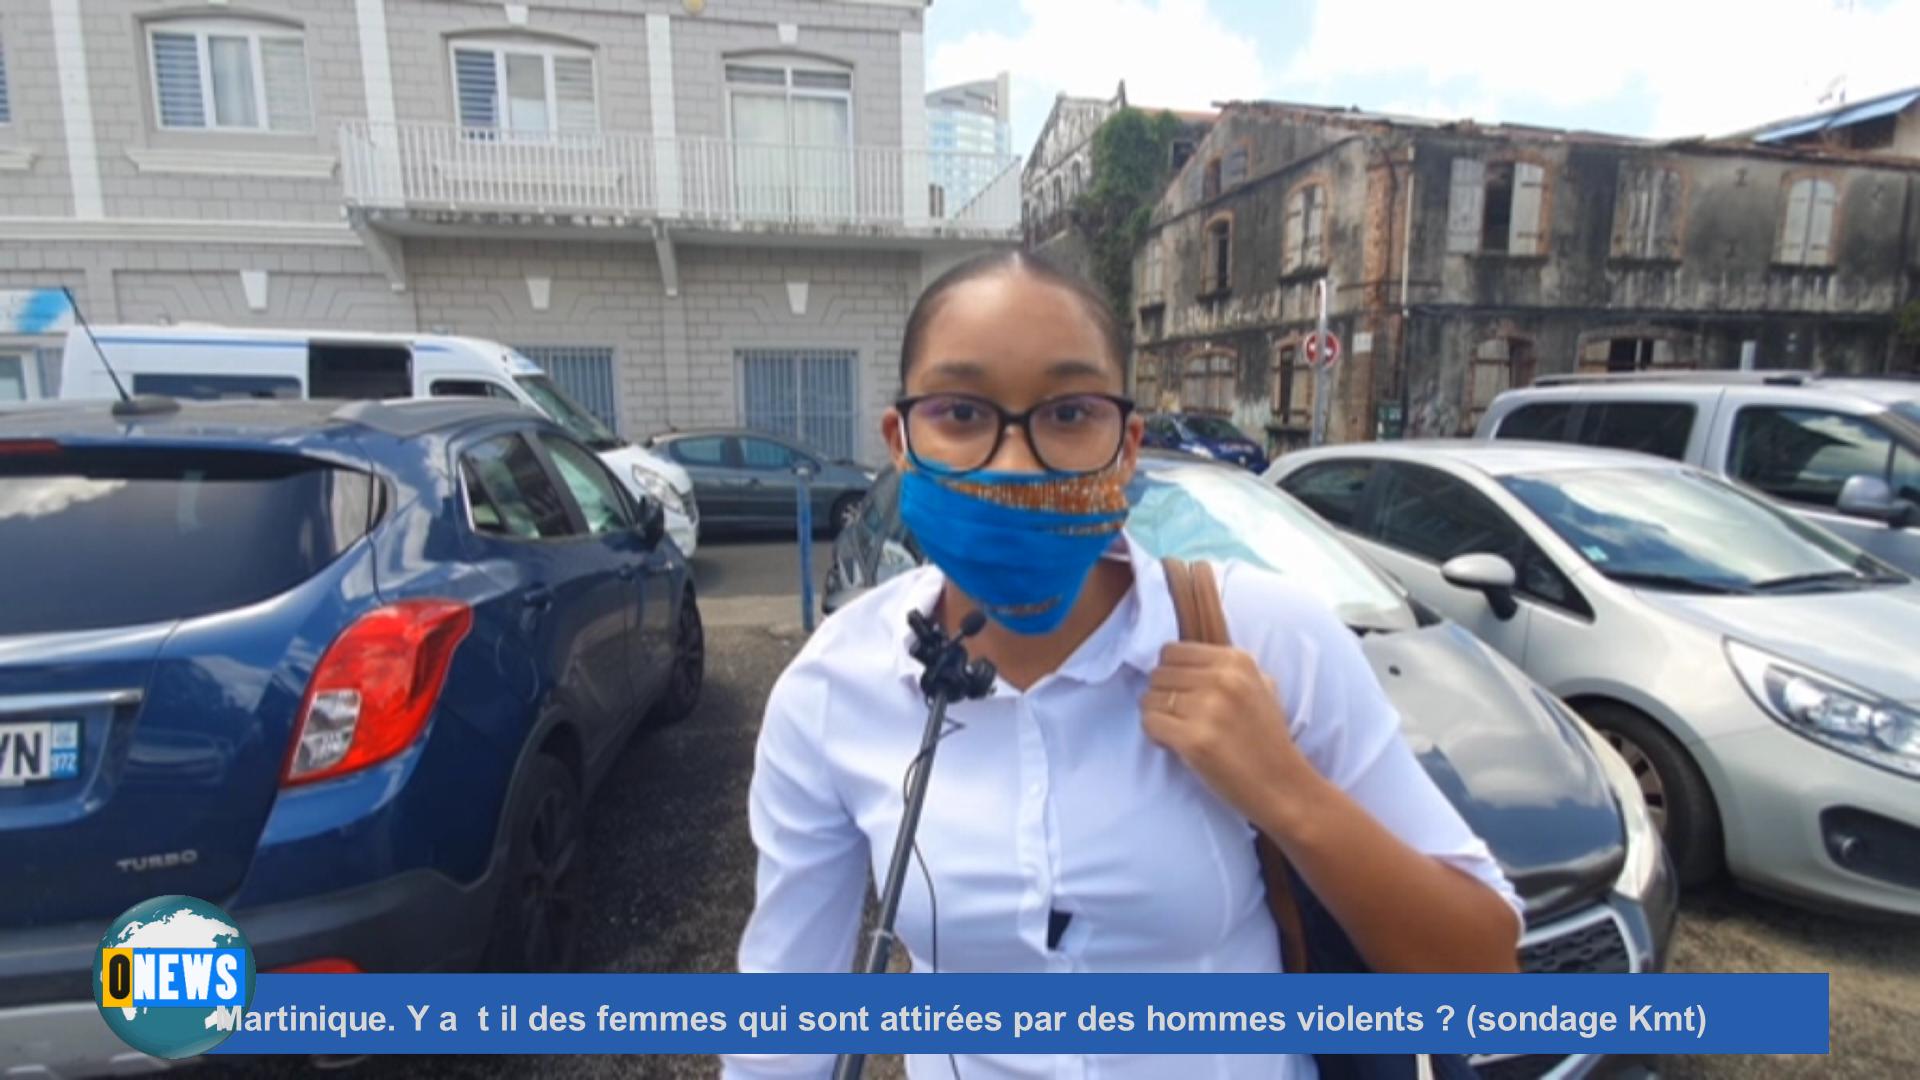 [Vidéo] Onews Martinique. Y a t il des femmes qui sont attirées par des hommes violents ? (sondage Kmt)